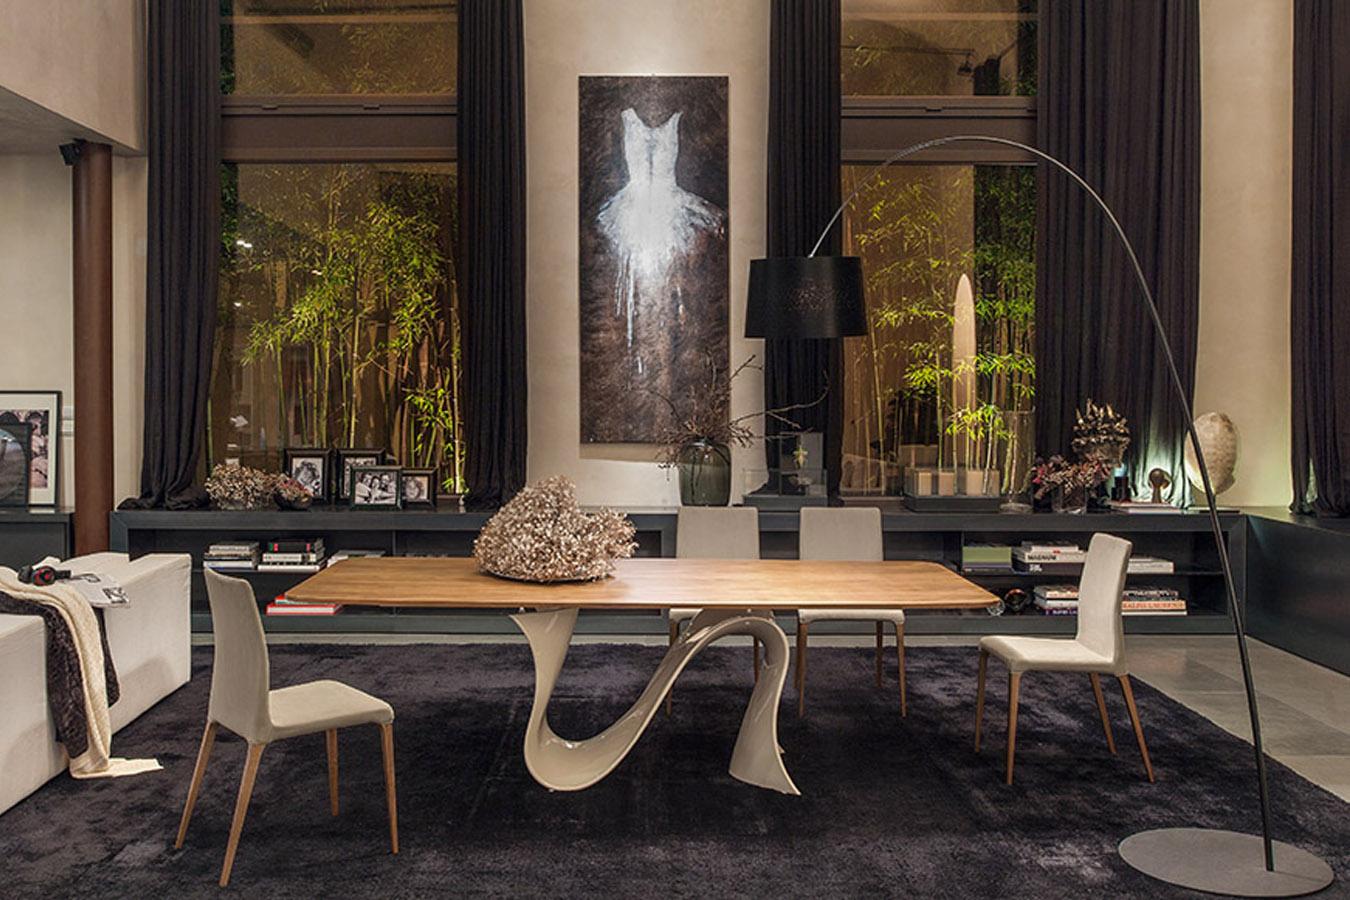 Tonin Casa Tavolo Wave Moderno Design Rettangolare Legno Pranzo